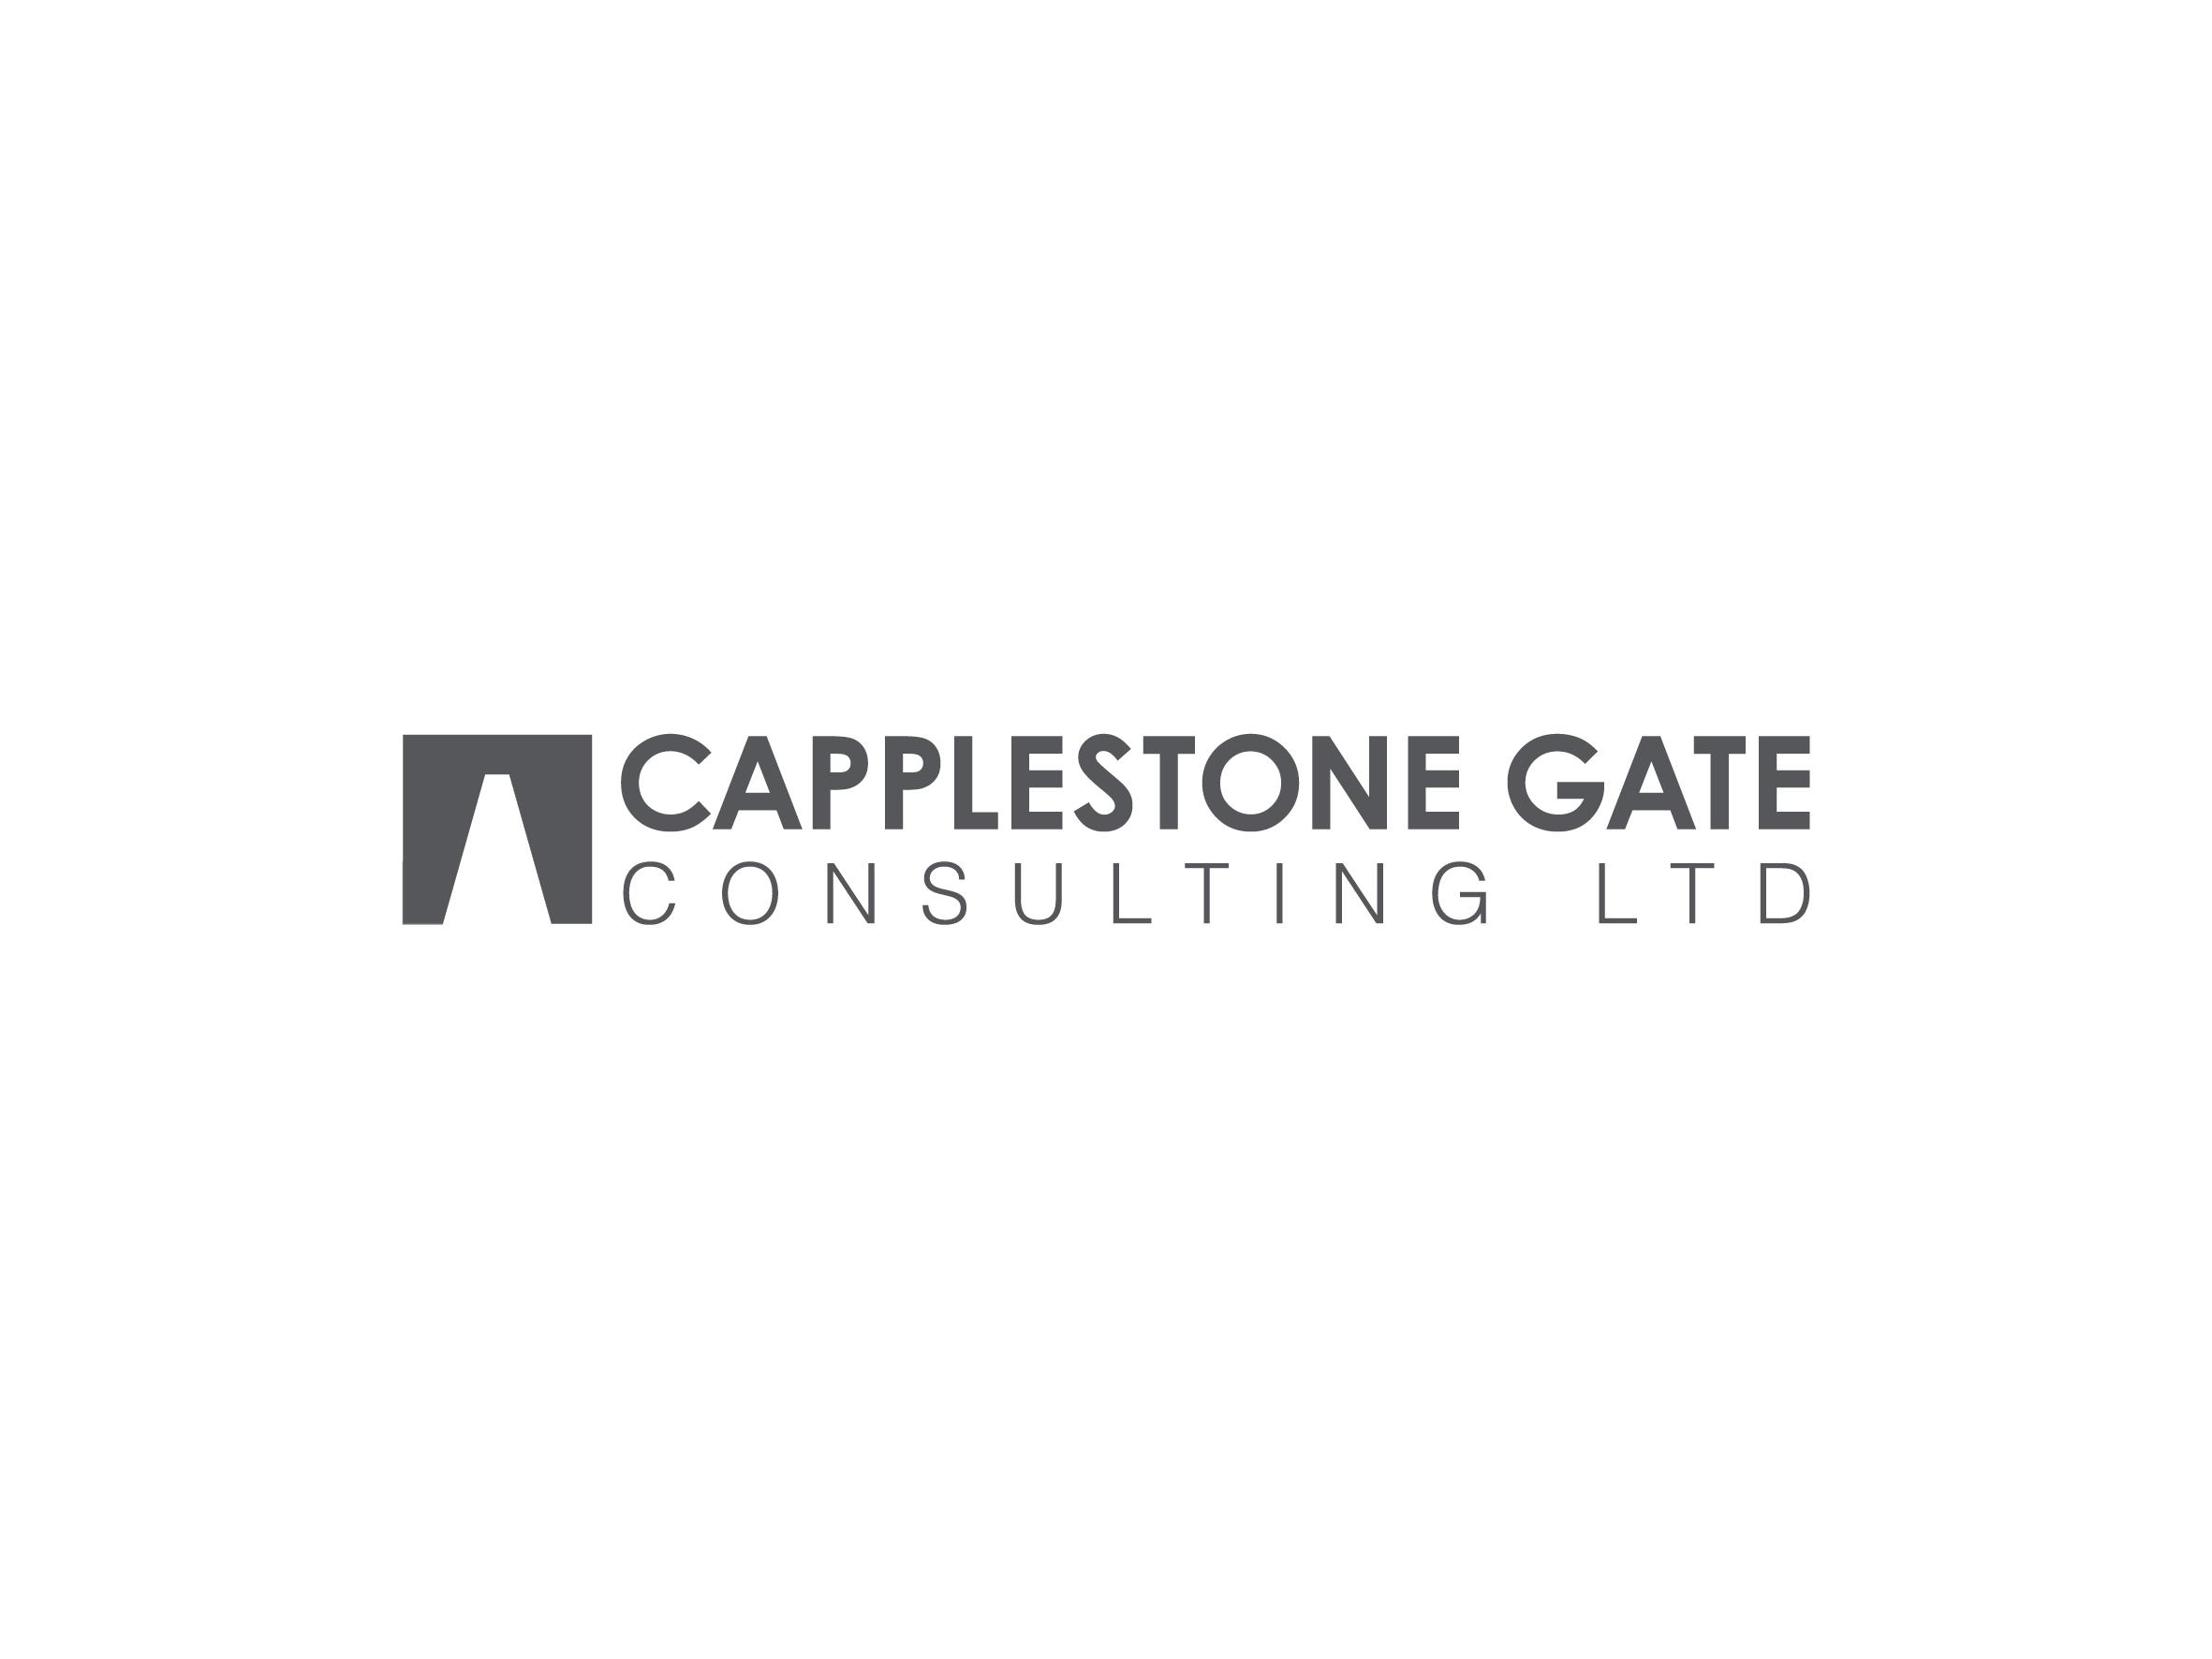 capplestone gate consulting logo design designed by Dakini Design Saltaire, Shipley, Bradford